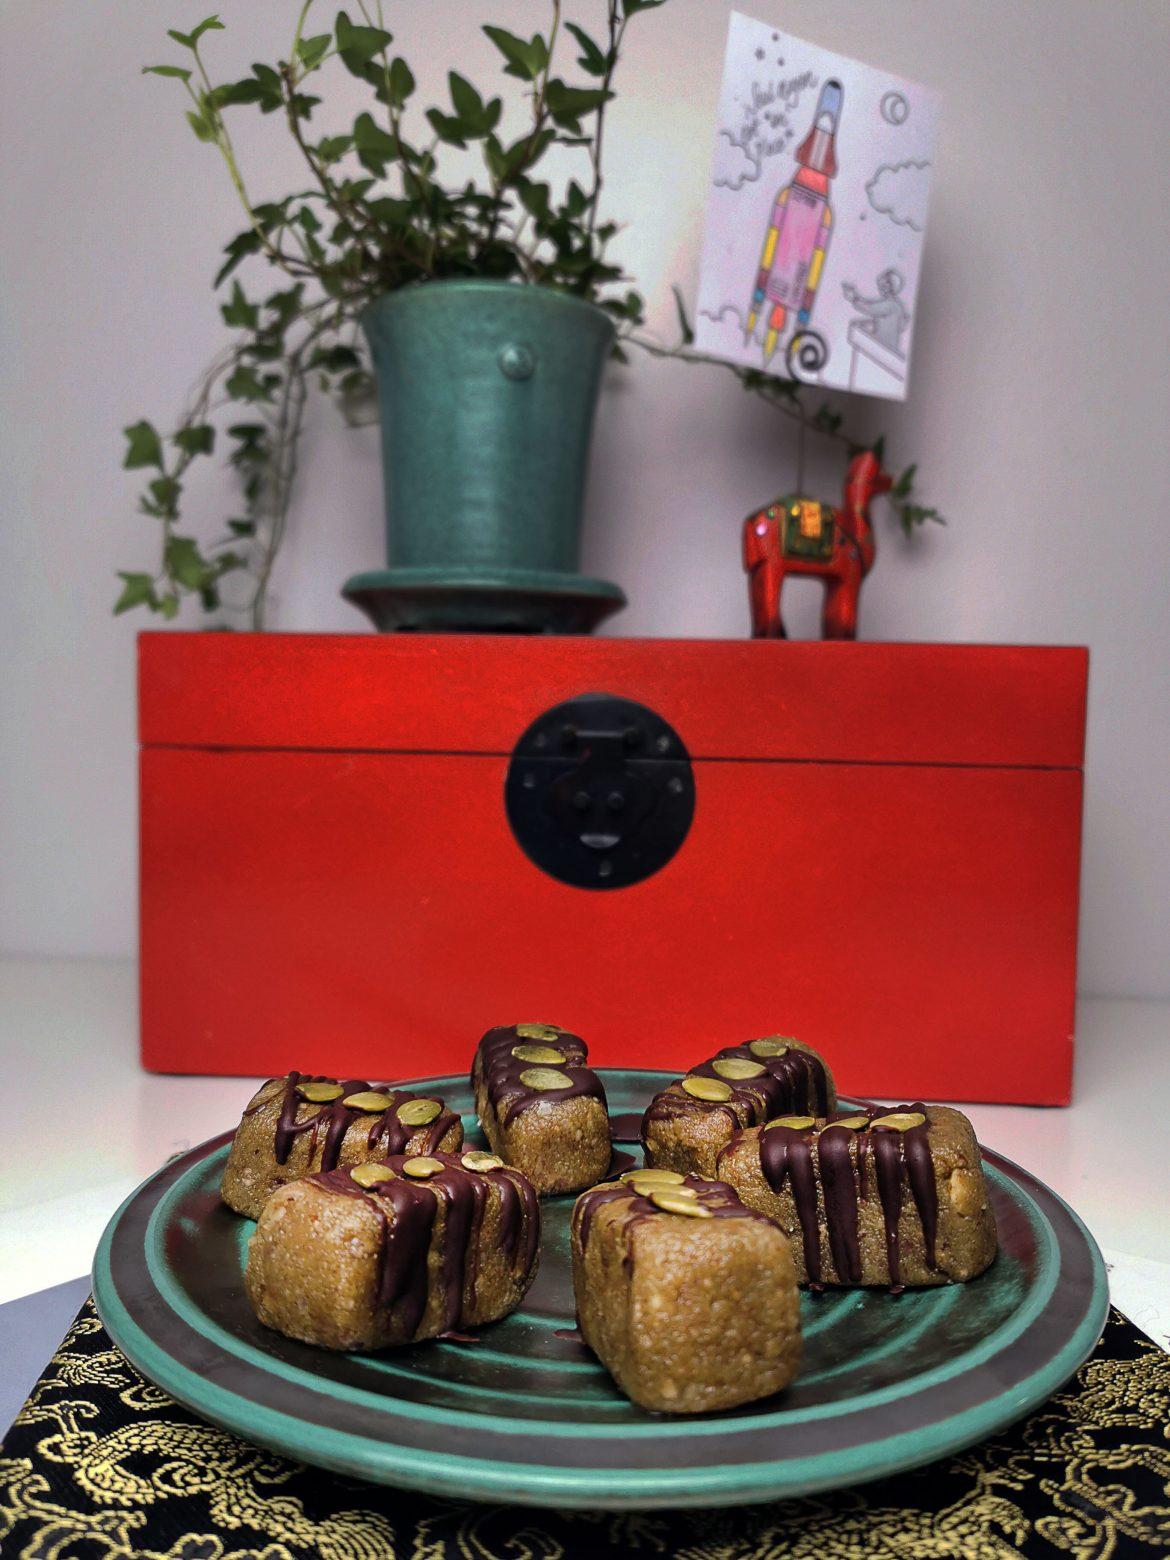 Jordnötsbars toppade med choklad